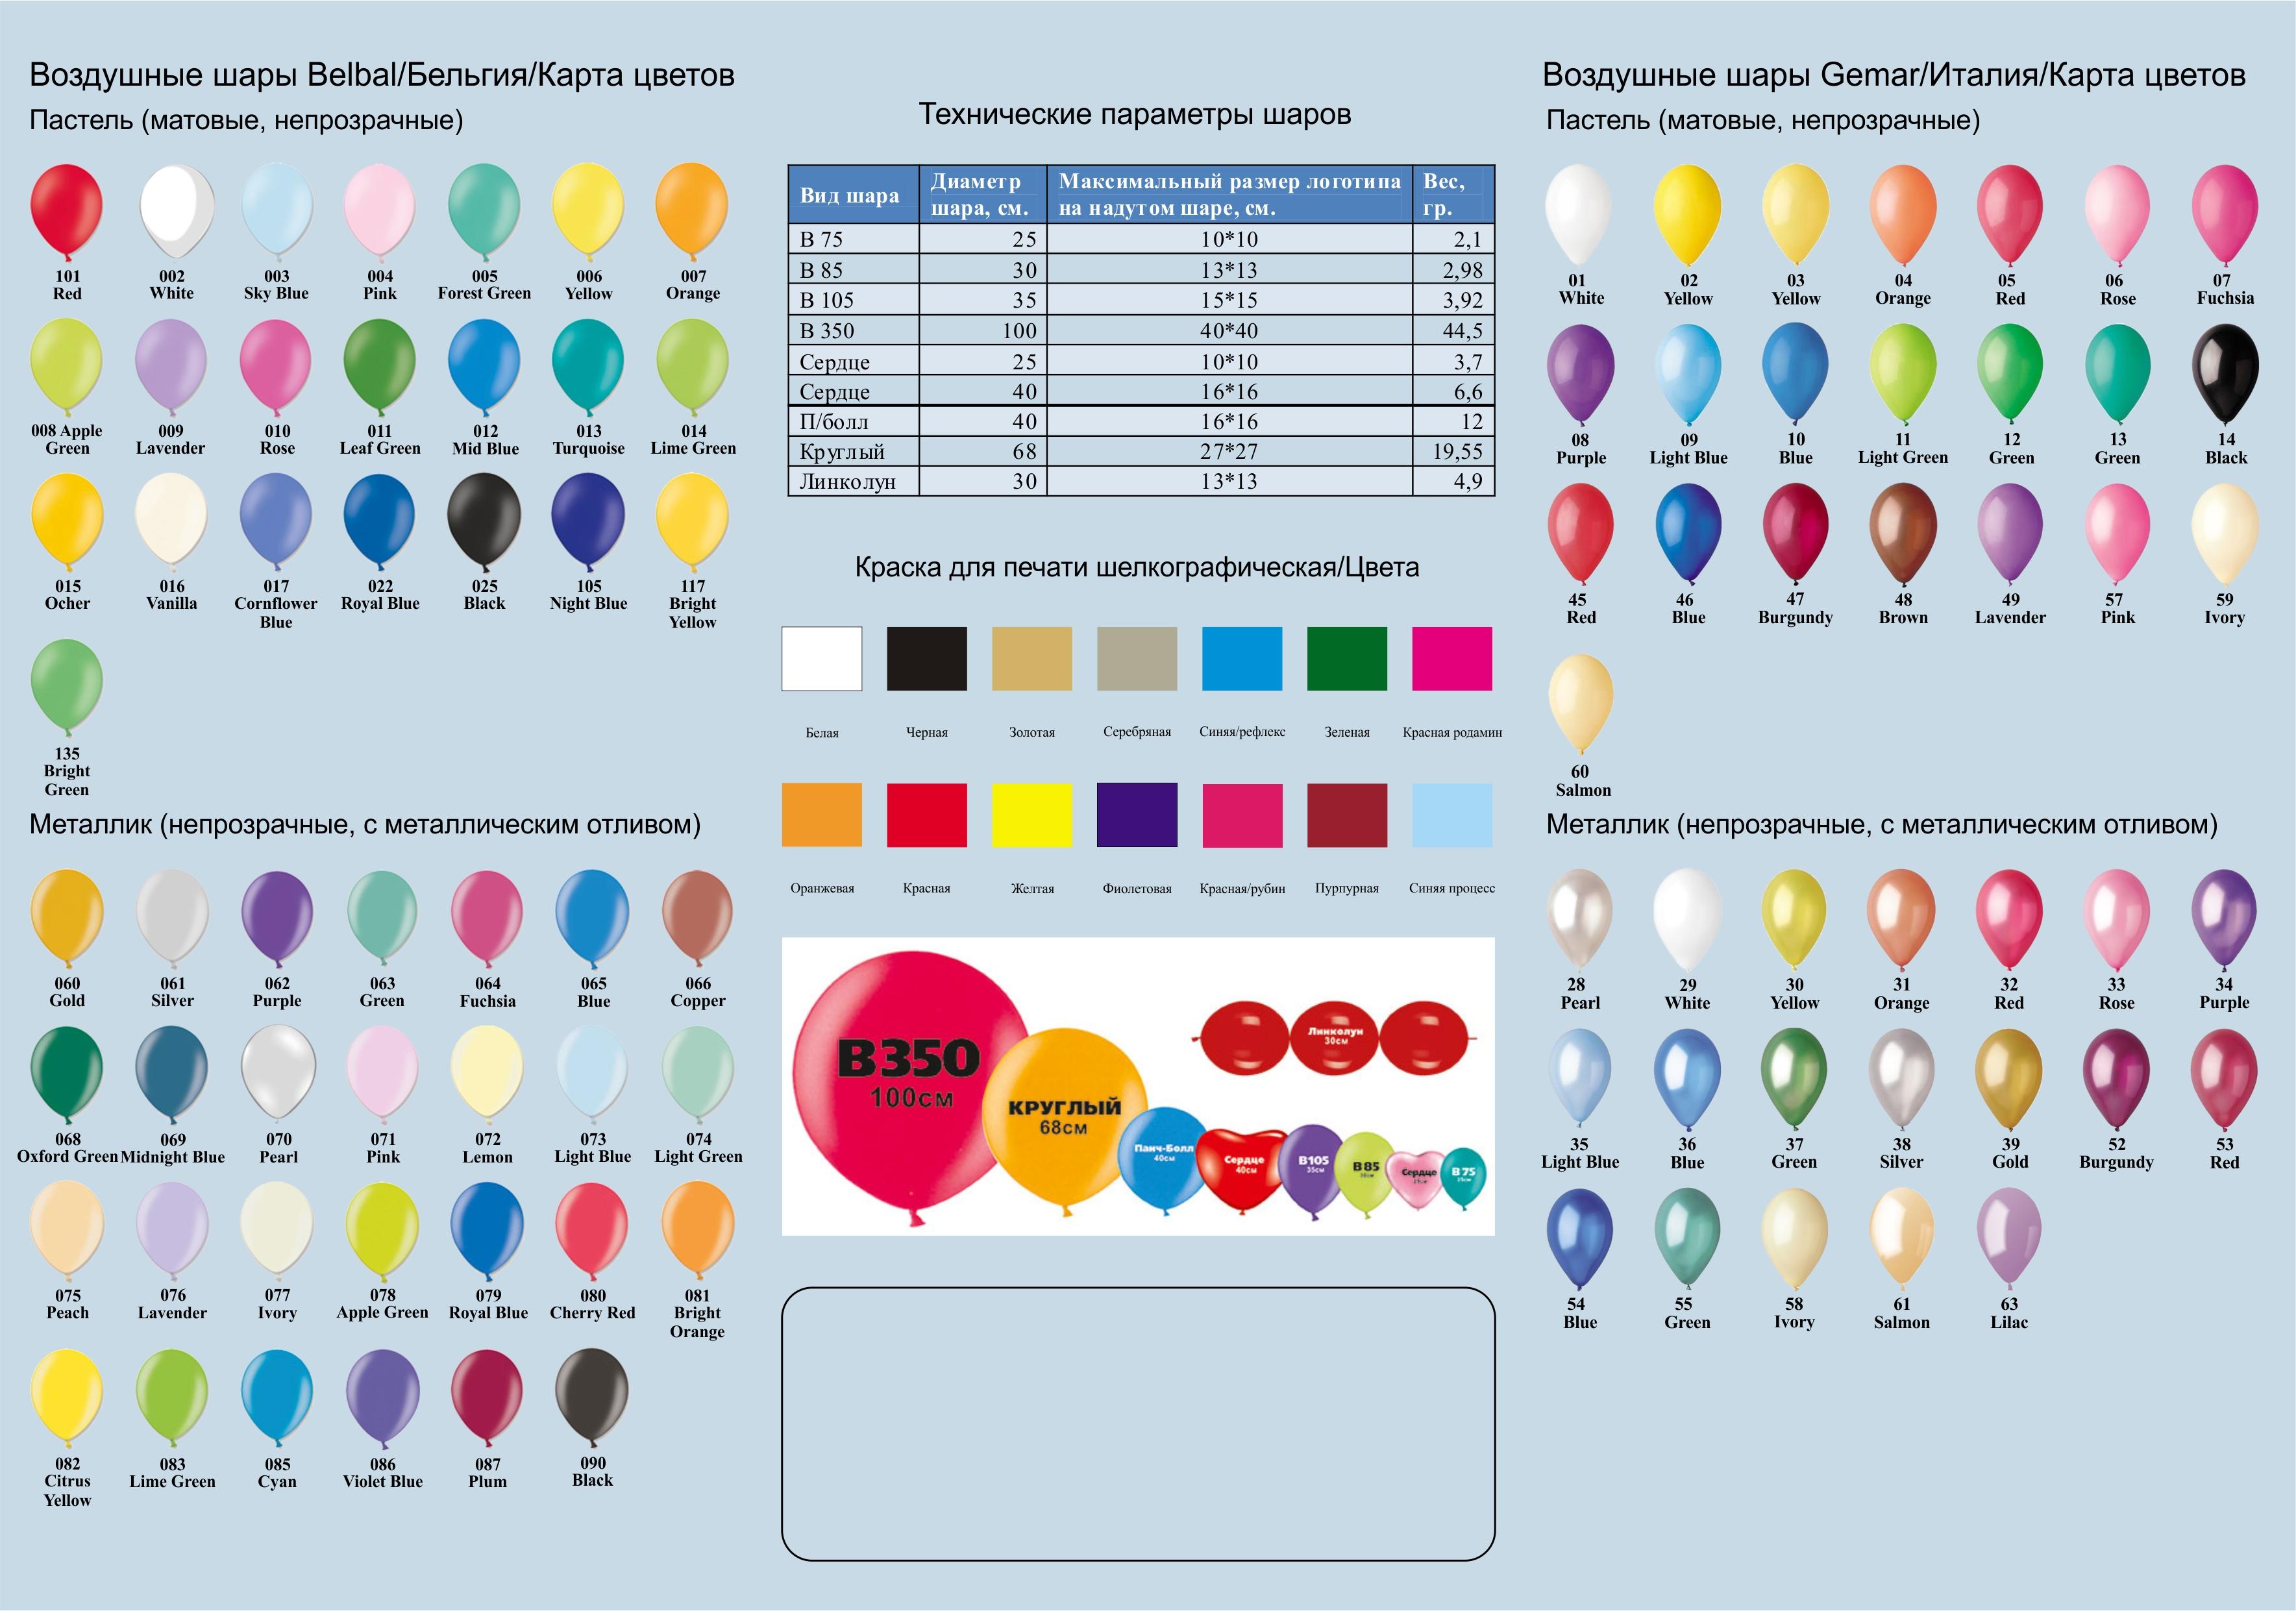 цветовая гамма шаров